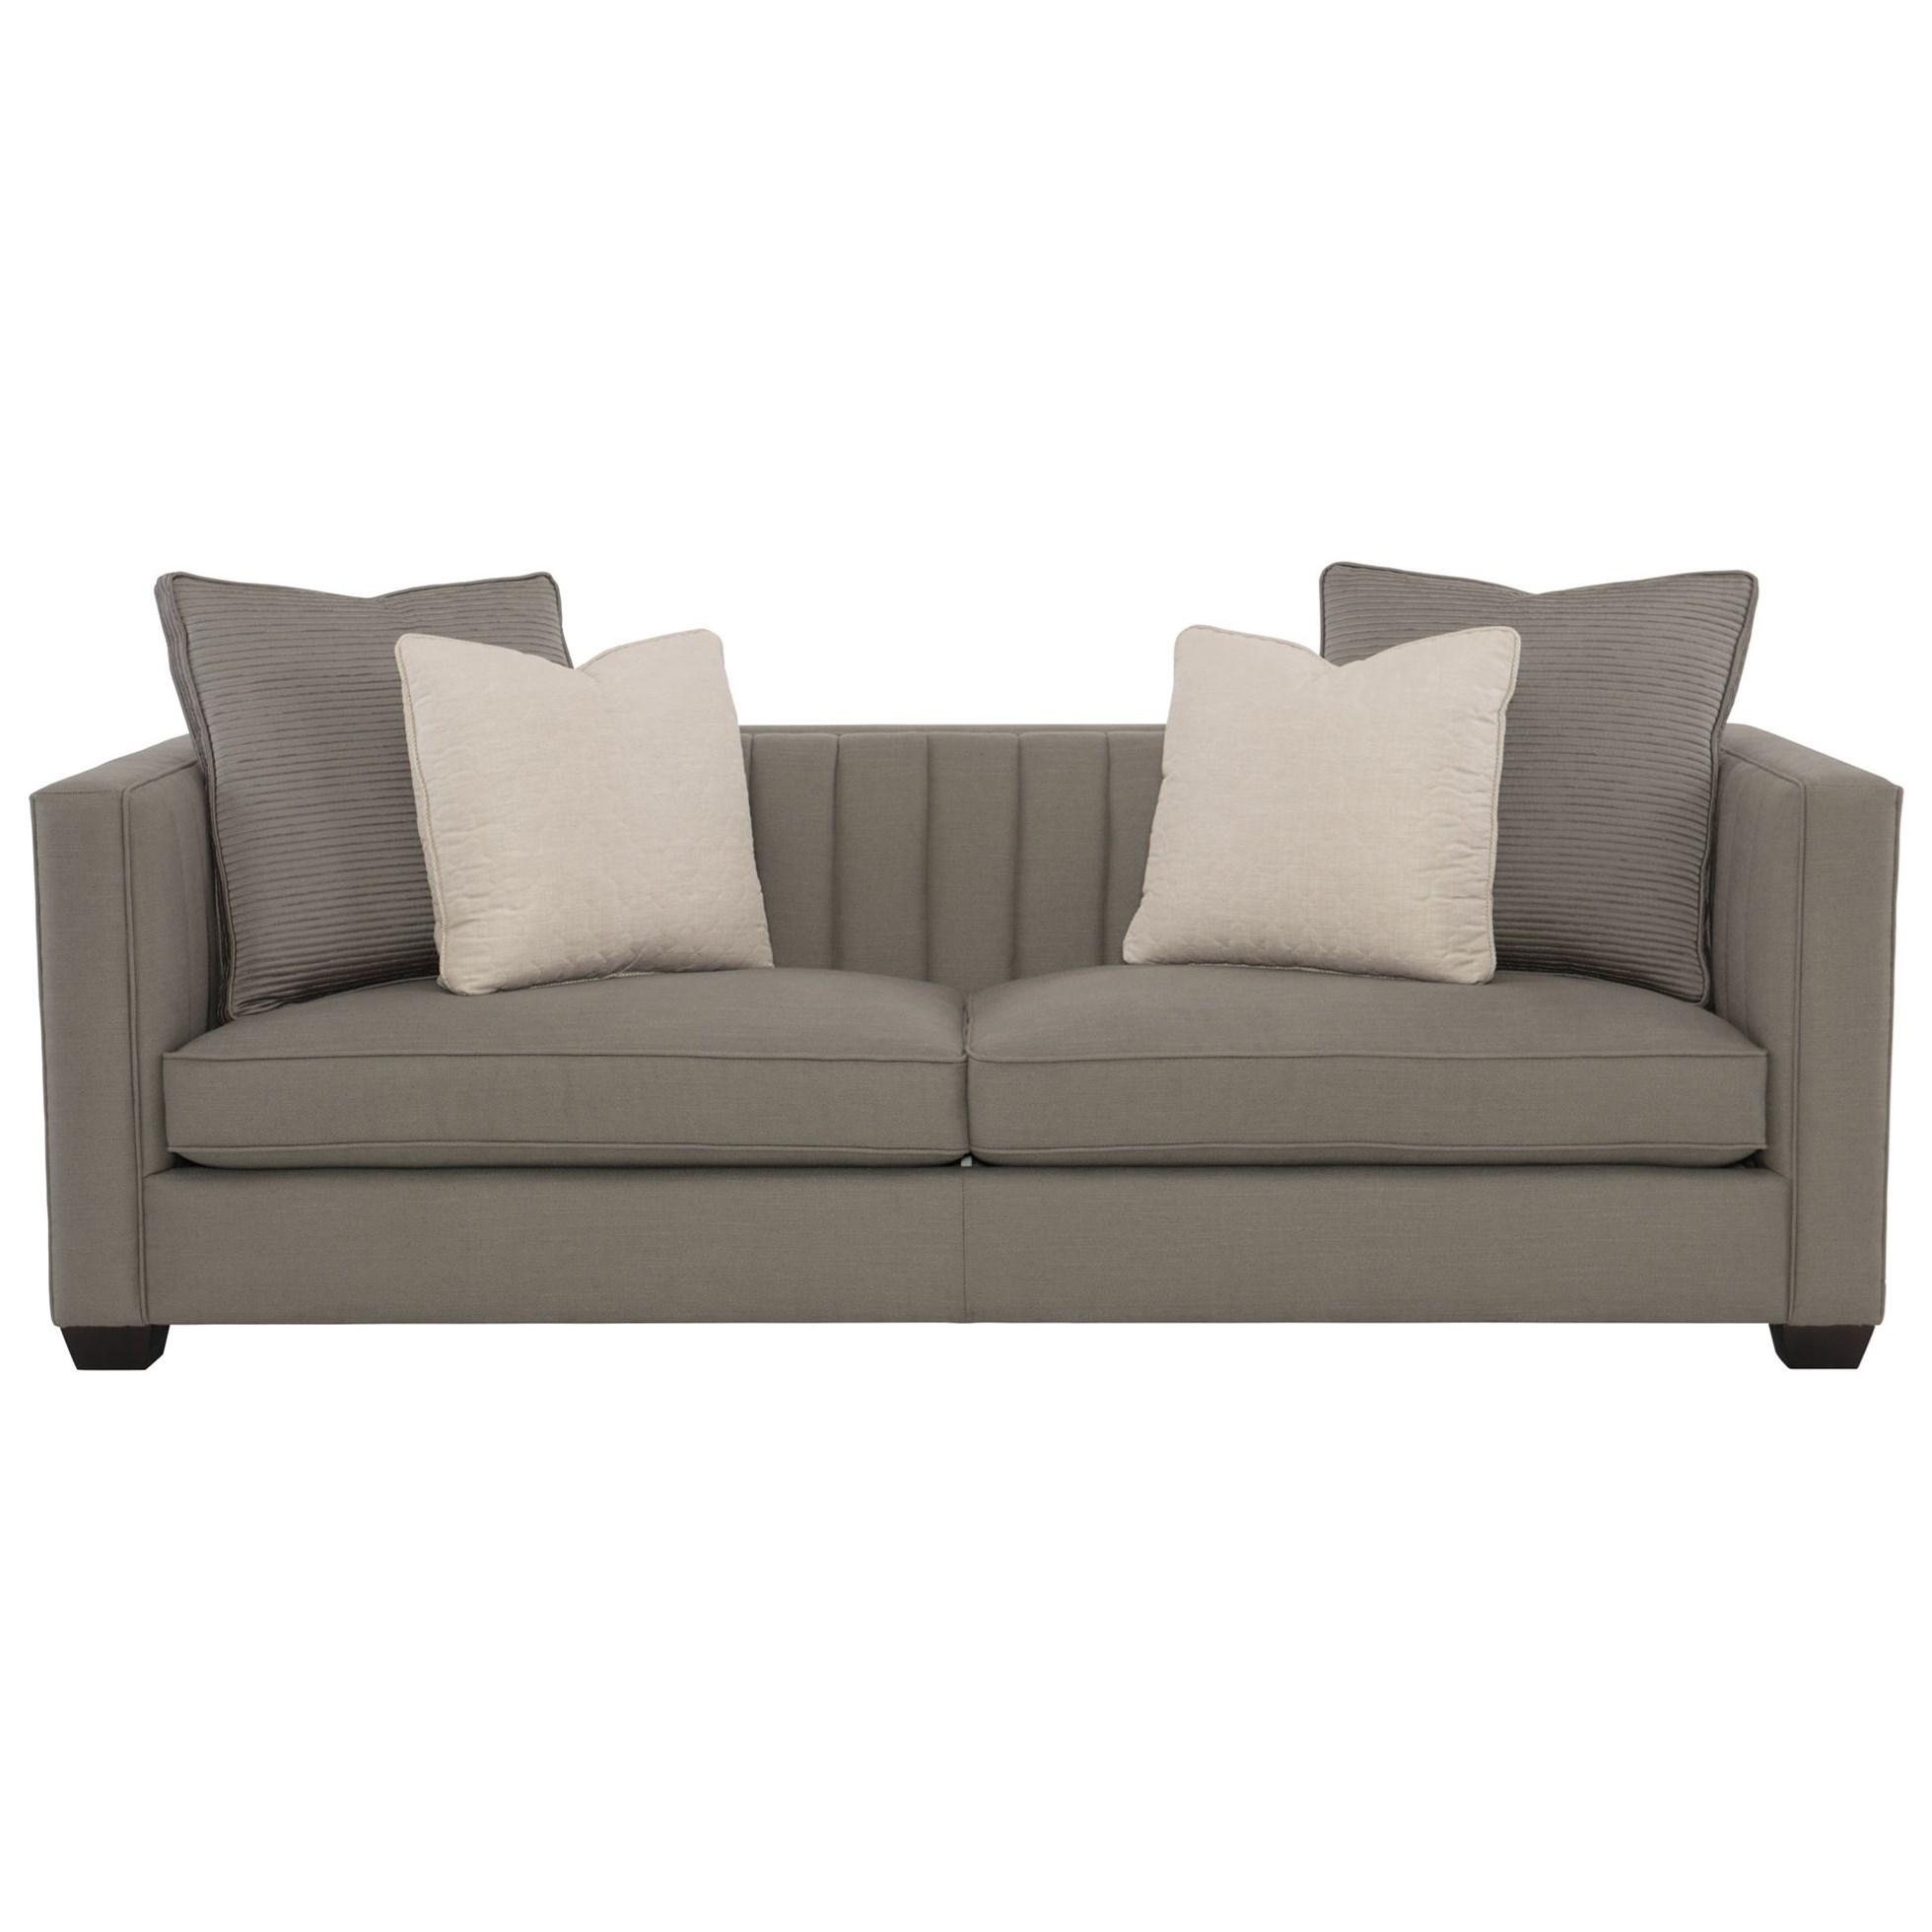 bernhardt sofas italia uk noah contemporary sofa with line tufting adcock